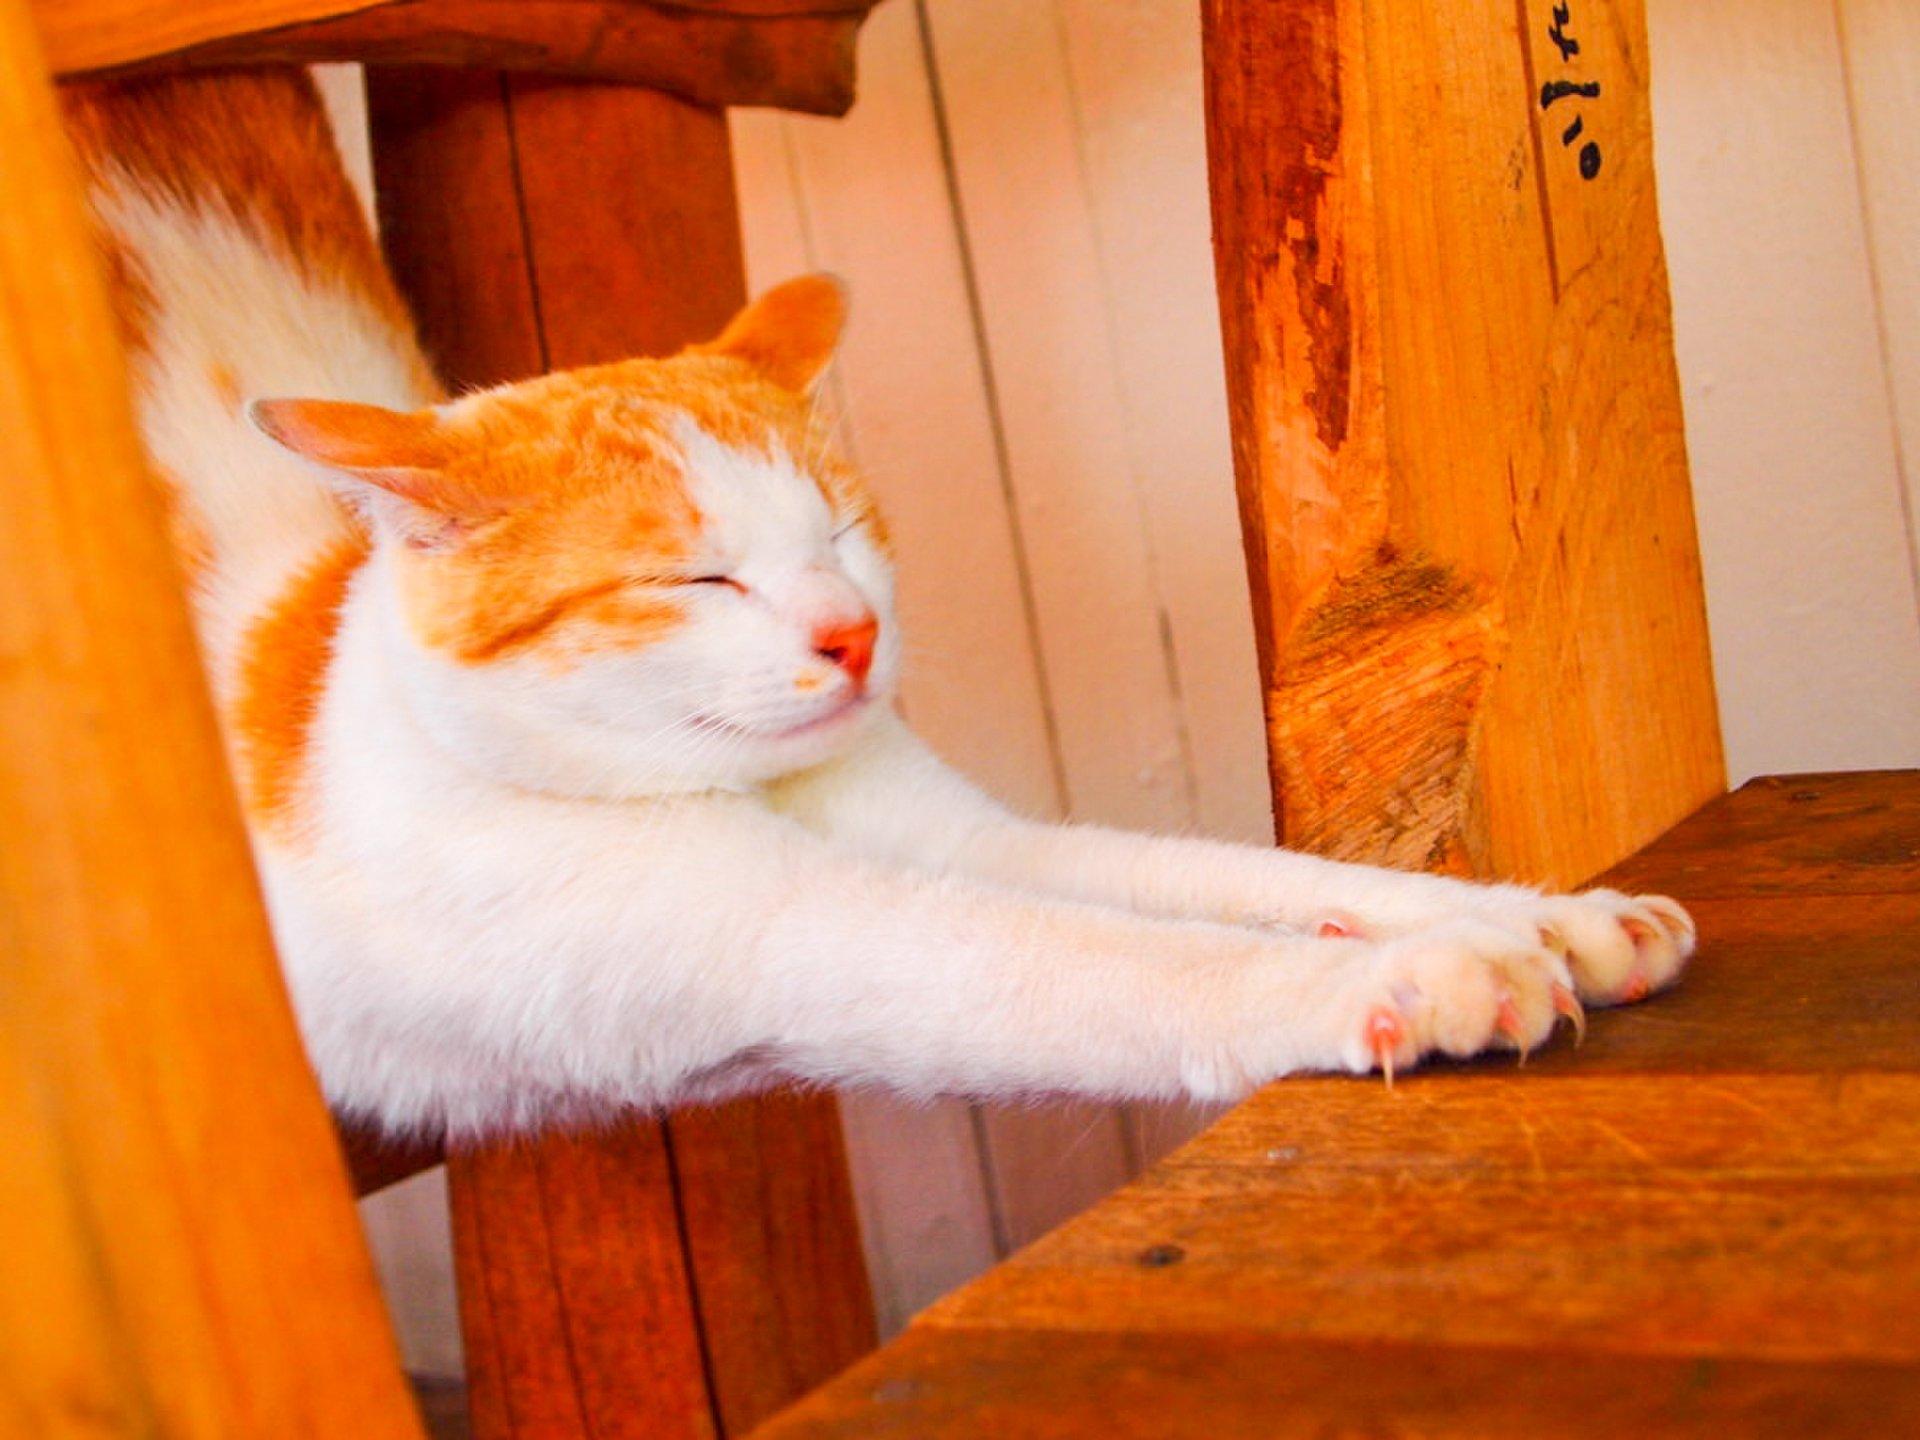 【カメラ女子必見】可愛い猫がいる穴場スポット6選!猫の島や猫駅長、看板猫などすぐに会いに行きたくなるスポットまとめ!